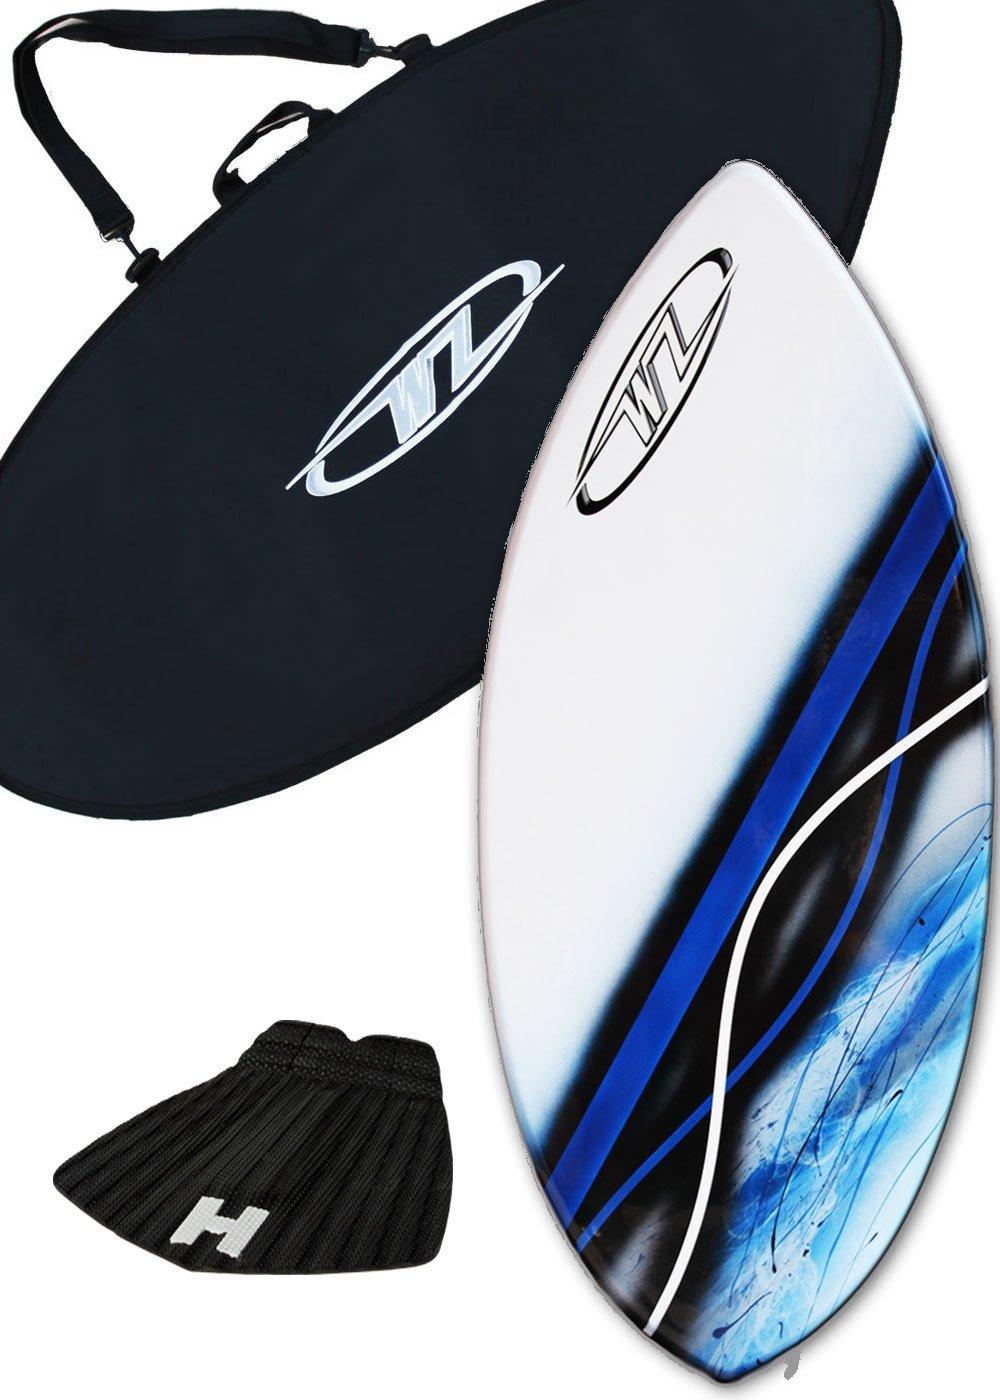 スキムボードパッケージ - ブルー - 43インチファイバーグラスウェーブゾーンリップ - ボードバッグやトラクションパッドを追加 - 145ポンドまでのライダー用  Board + Traction + Bag